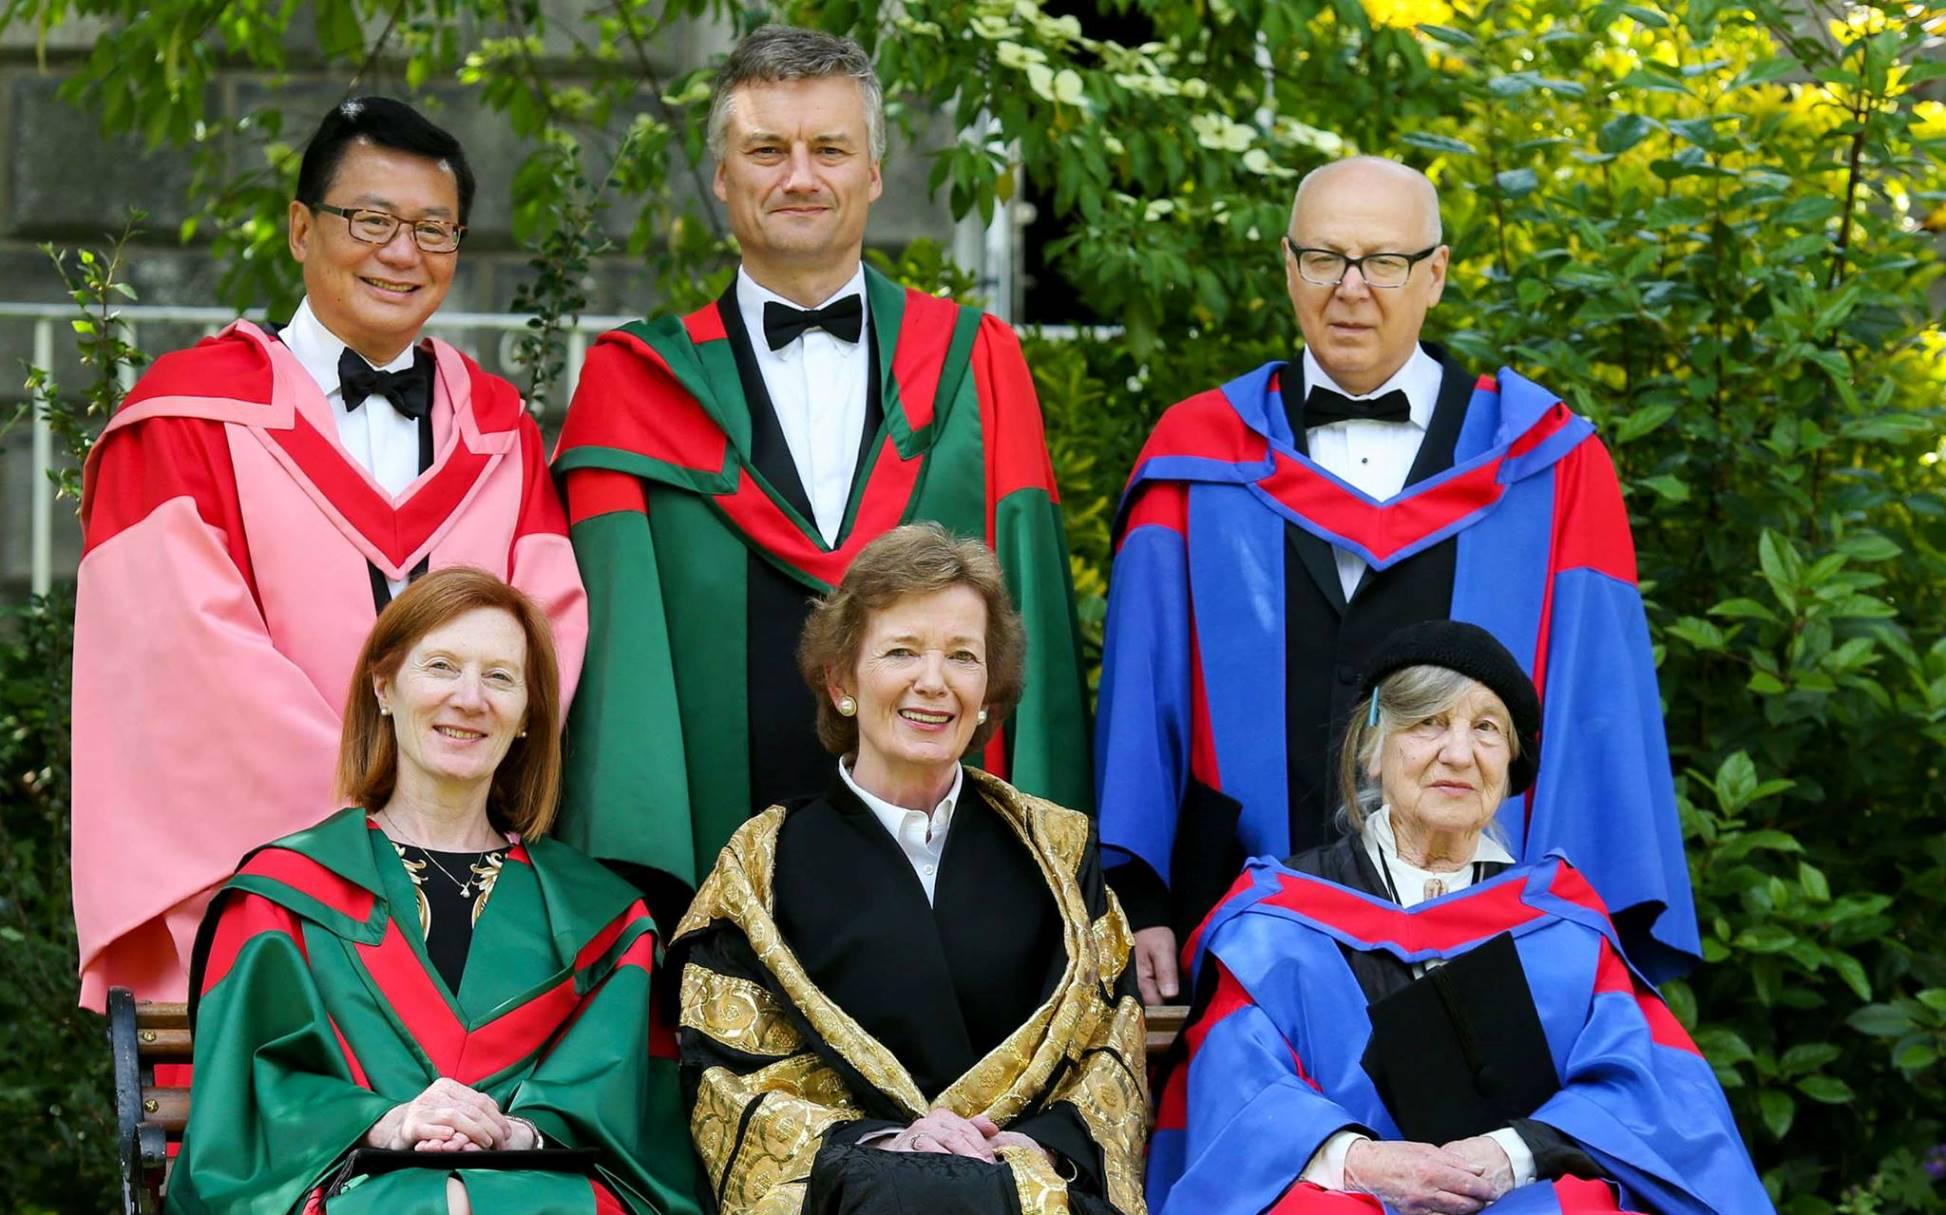 Лауреат Большой Бунинской премии Г. М. Кружков избран почетным доктором литературы Тринити-колледжа